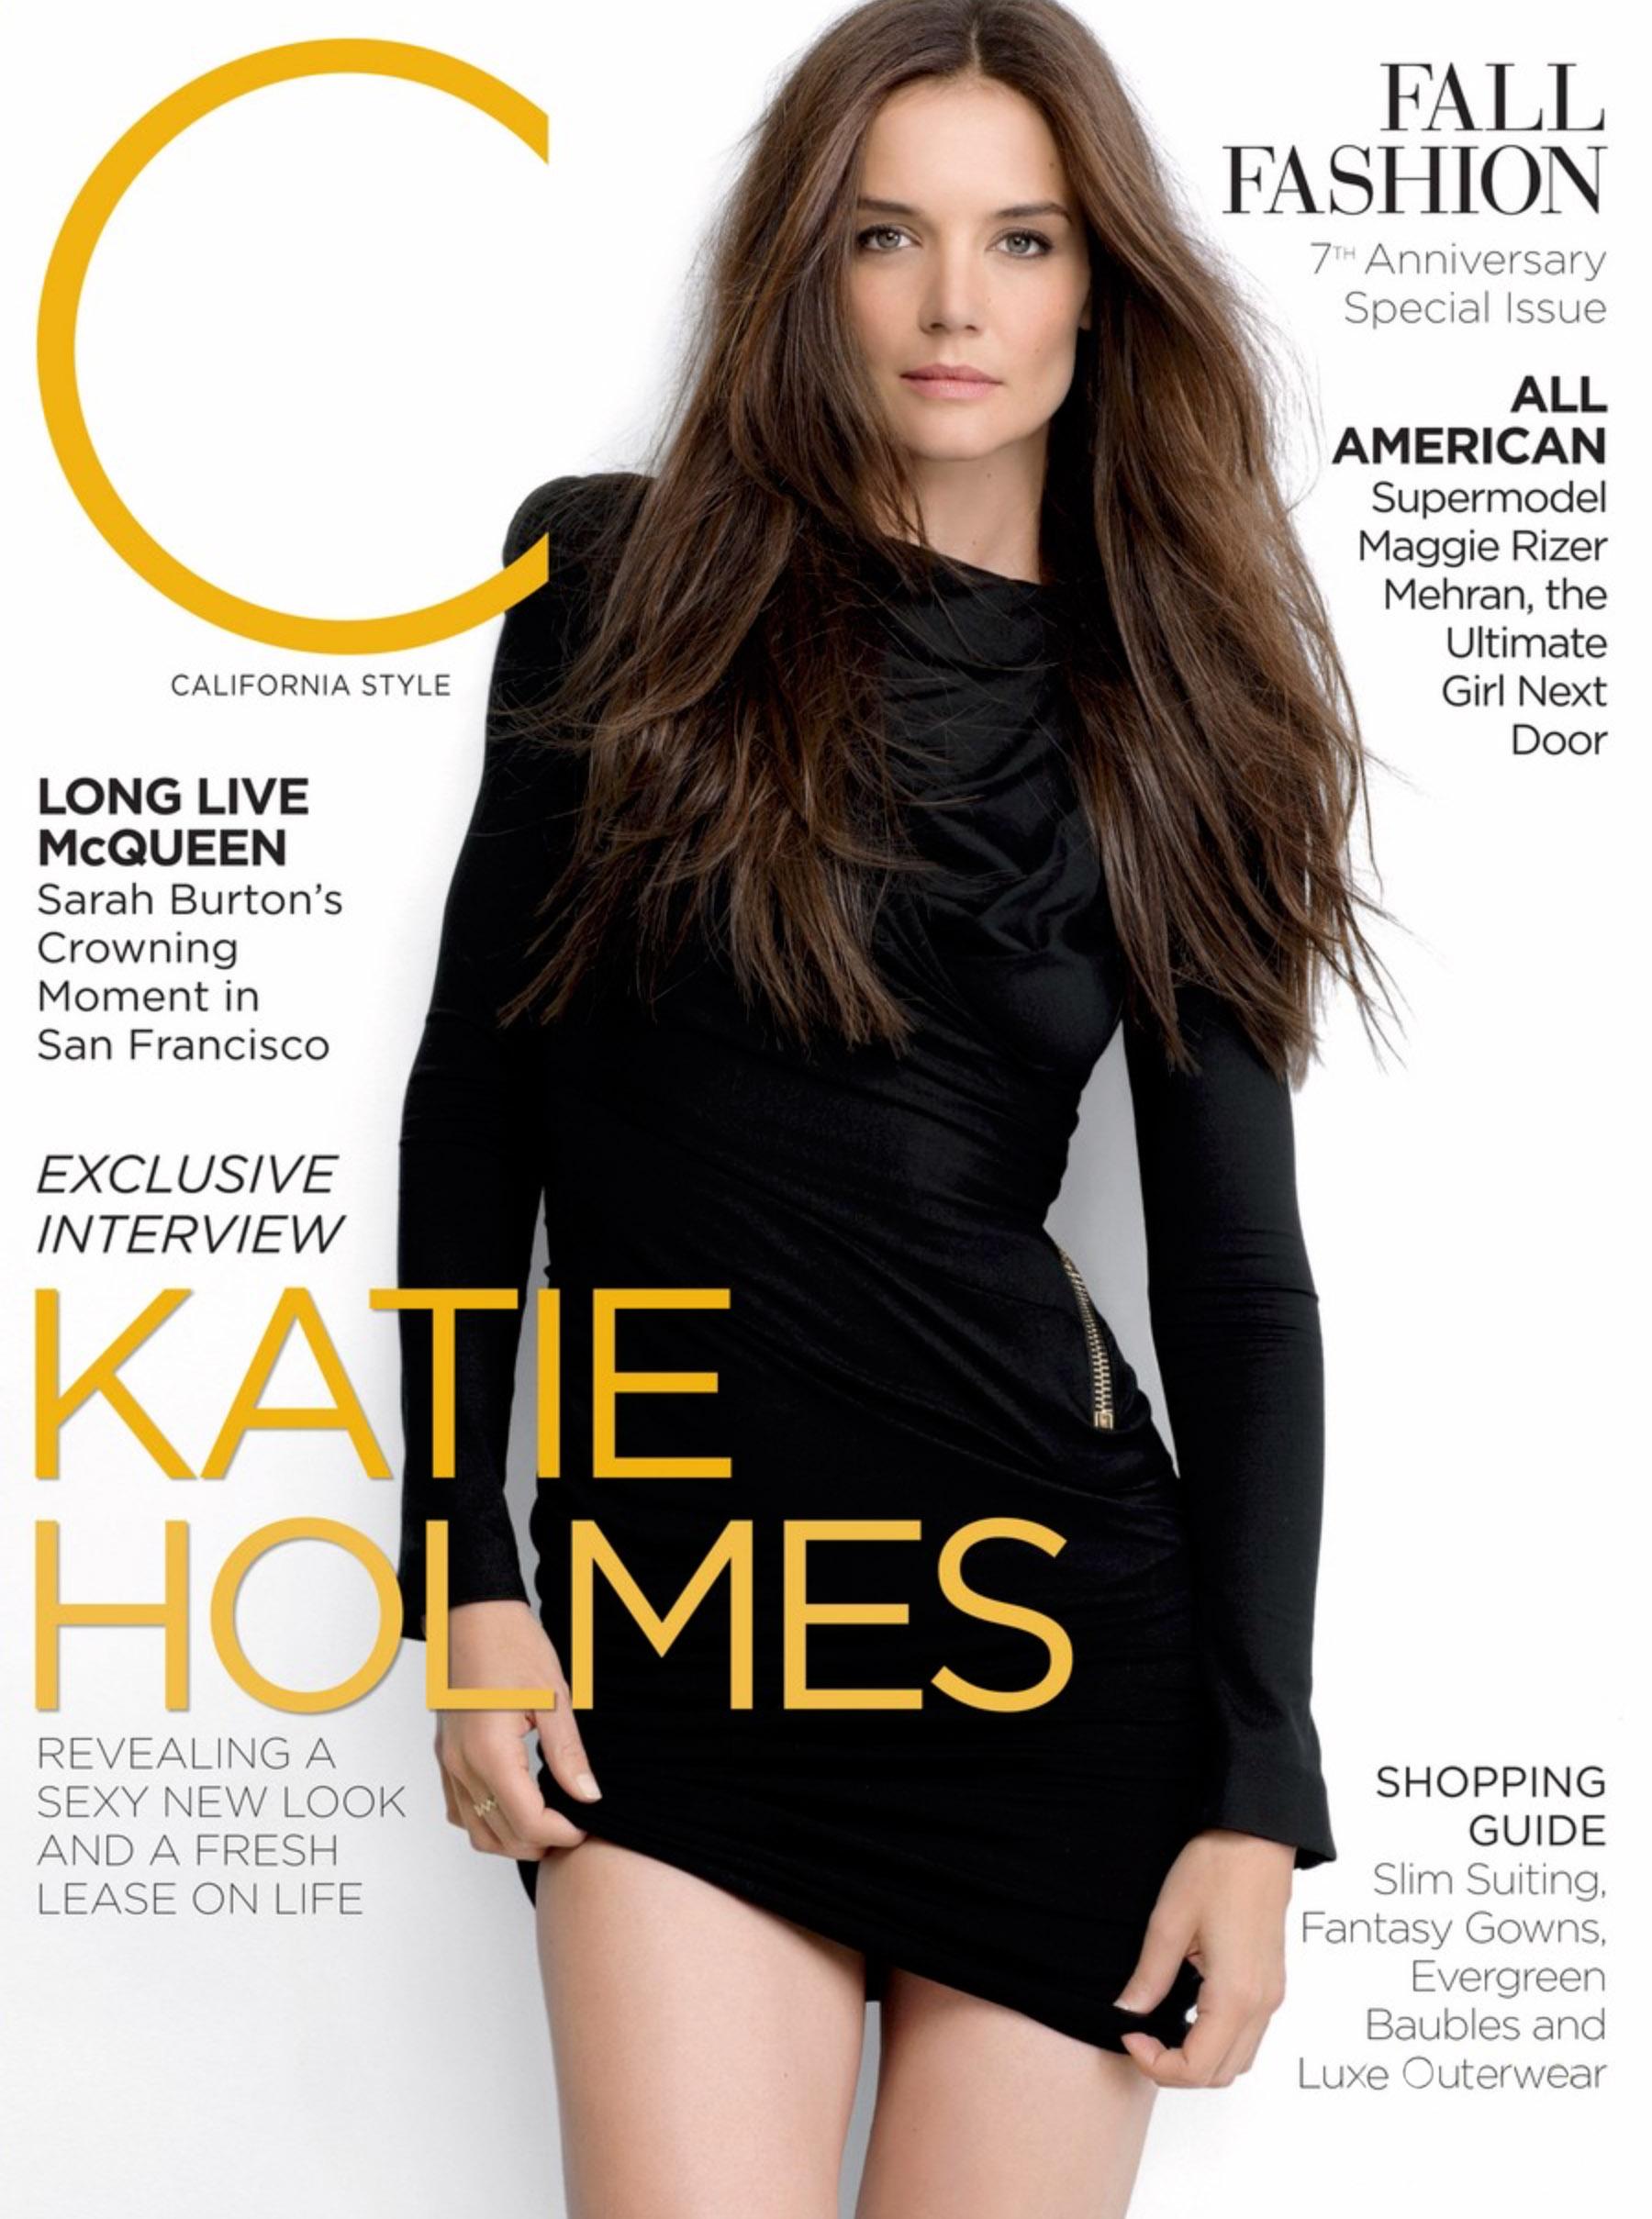 c_magazine_katie_holmes.jpg